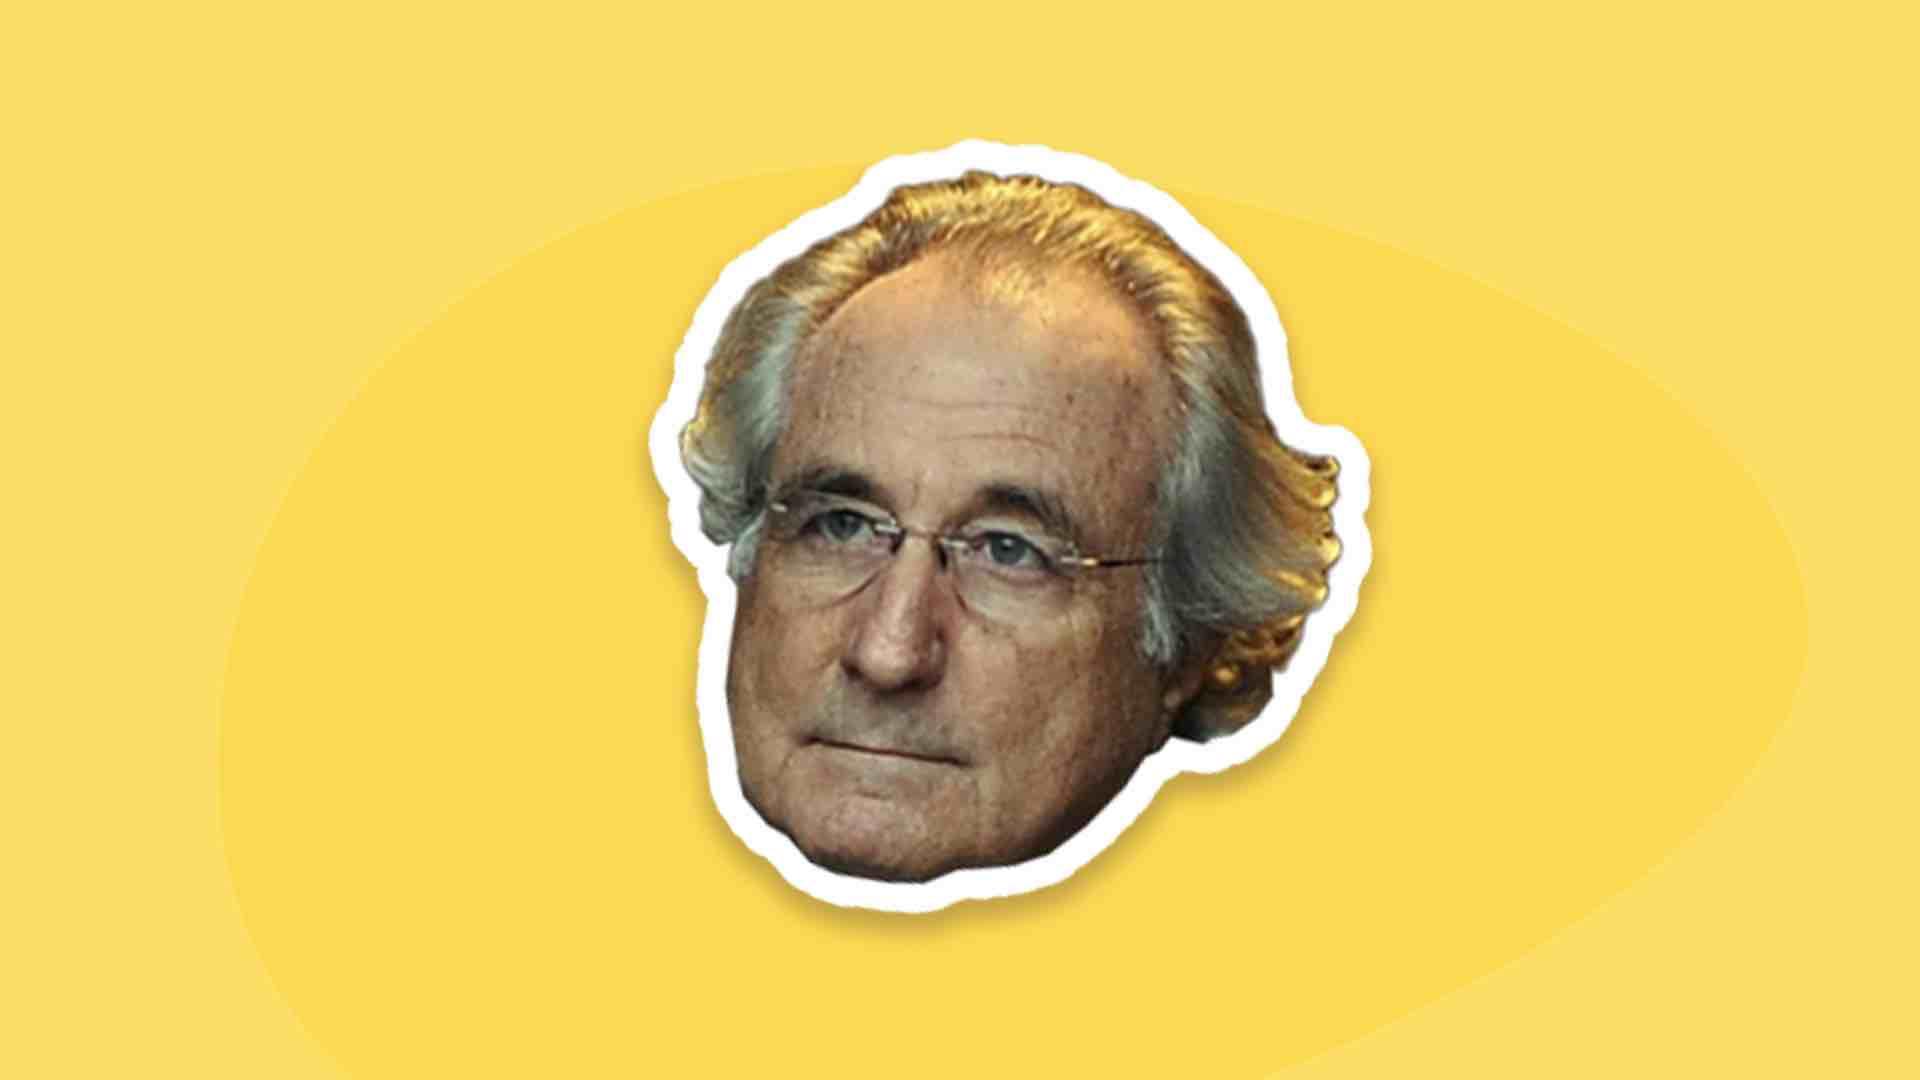 Bernie Madoff - Ponzi Scheme